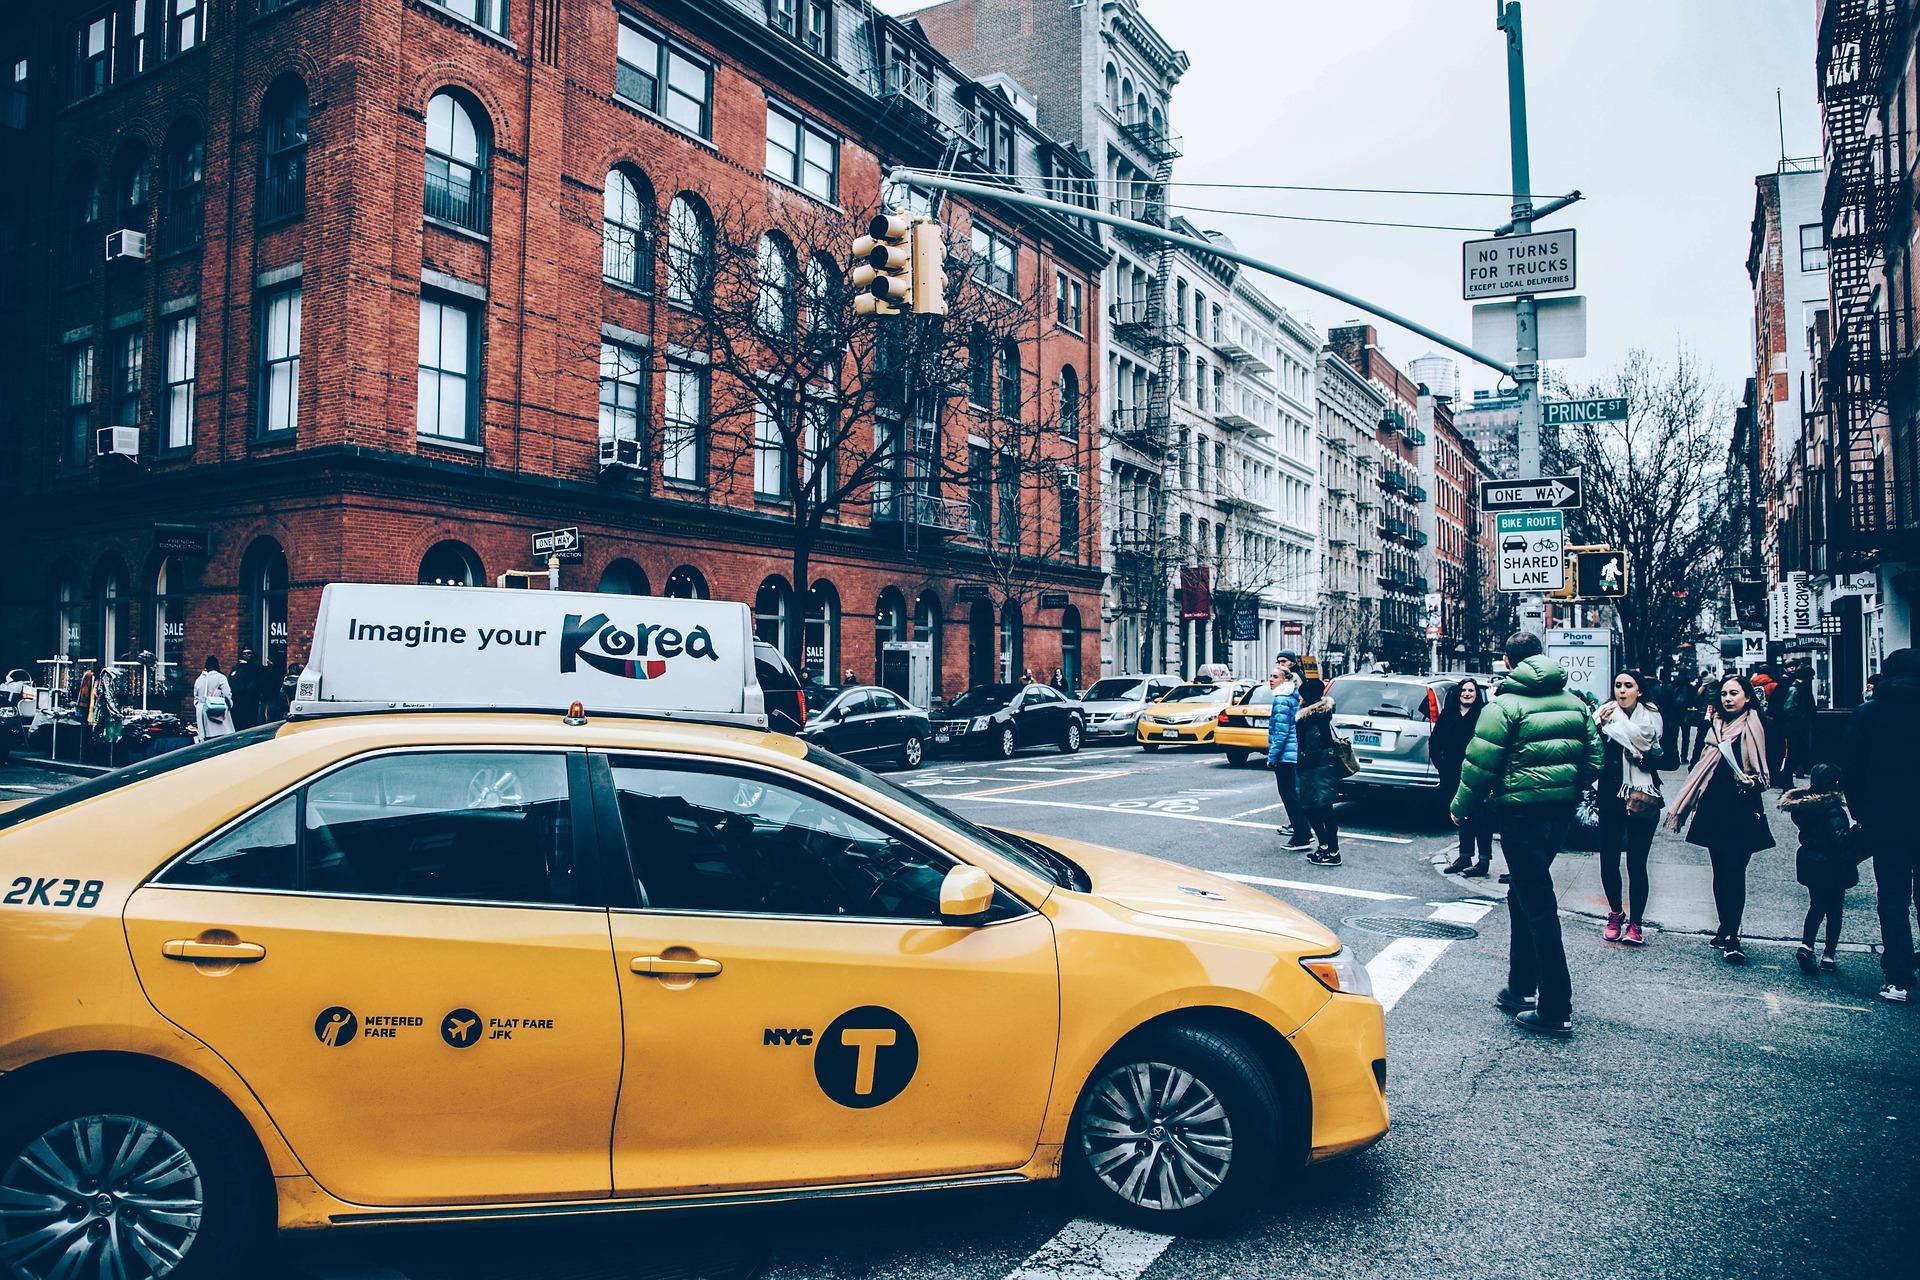 デートに便利?タクシー配車アプリ「Uber」を大阪梅田で使ってみた感想